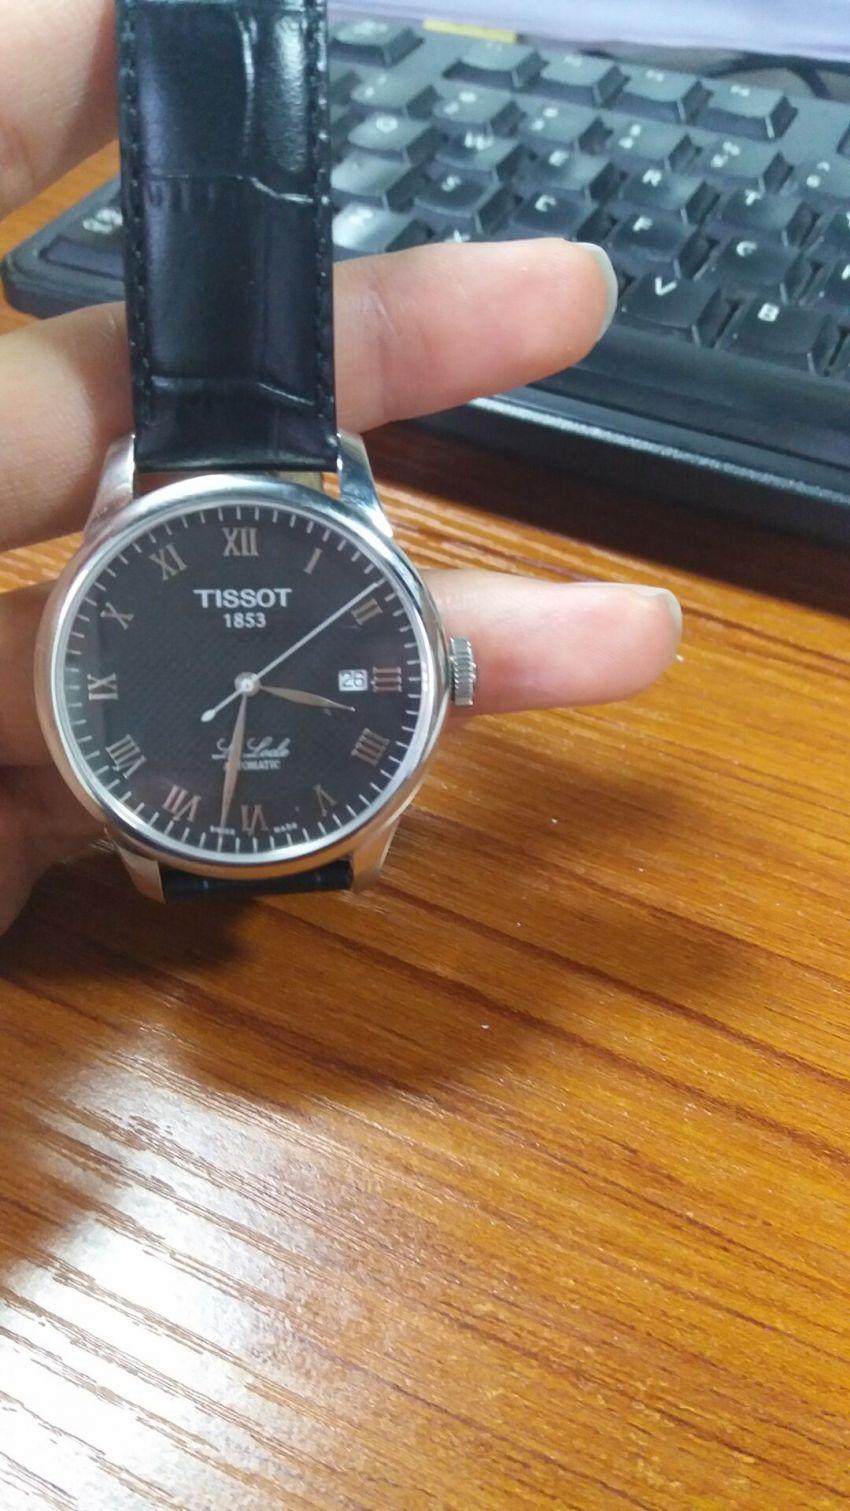 天梭T41.1.423.53手表【表友晒单作业】物流速度给...